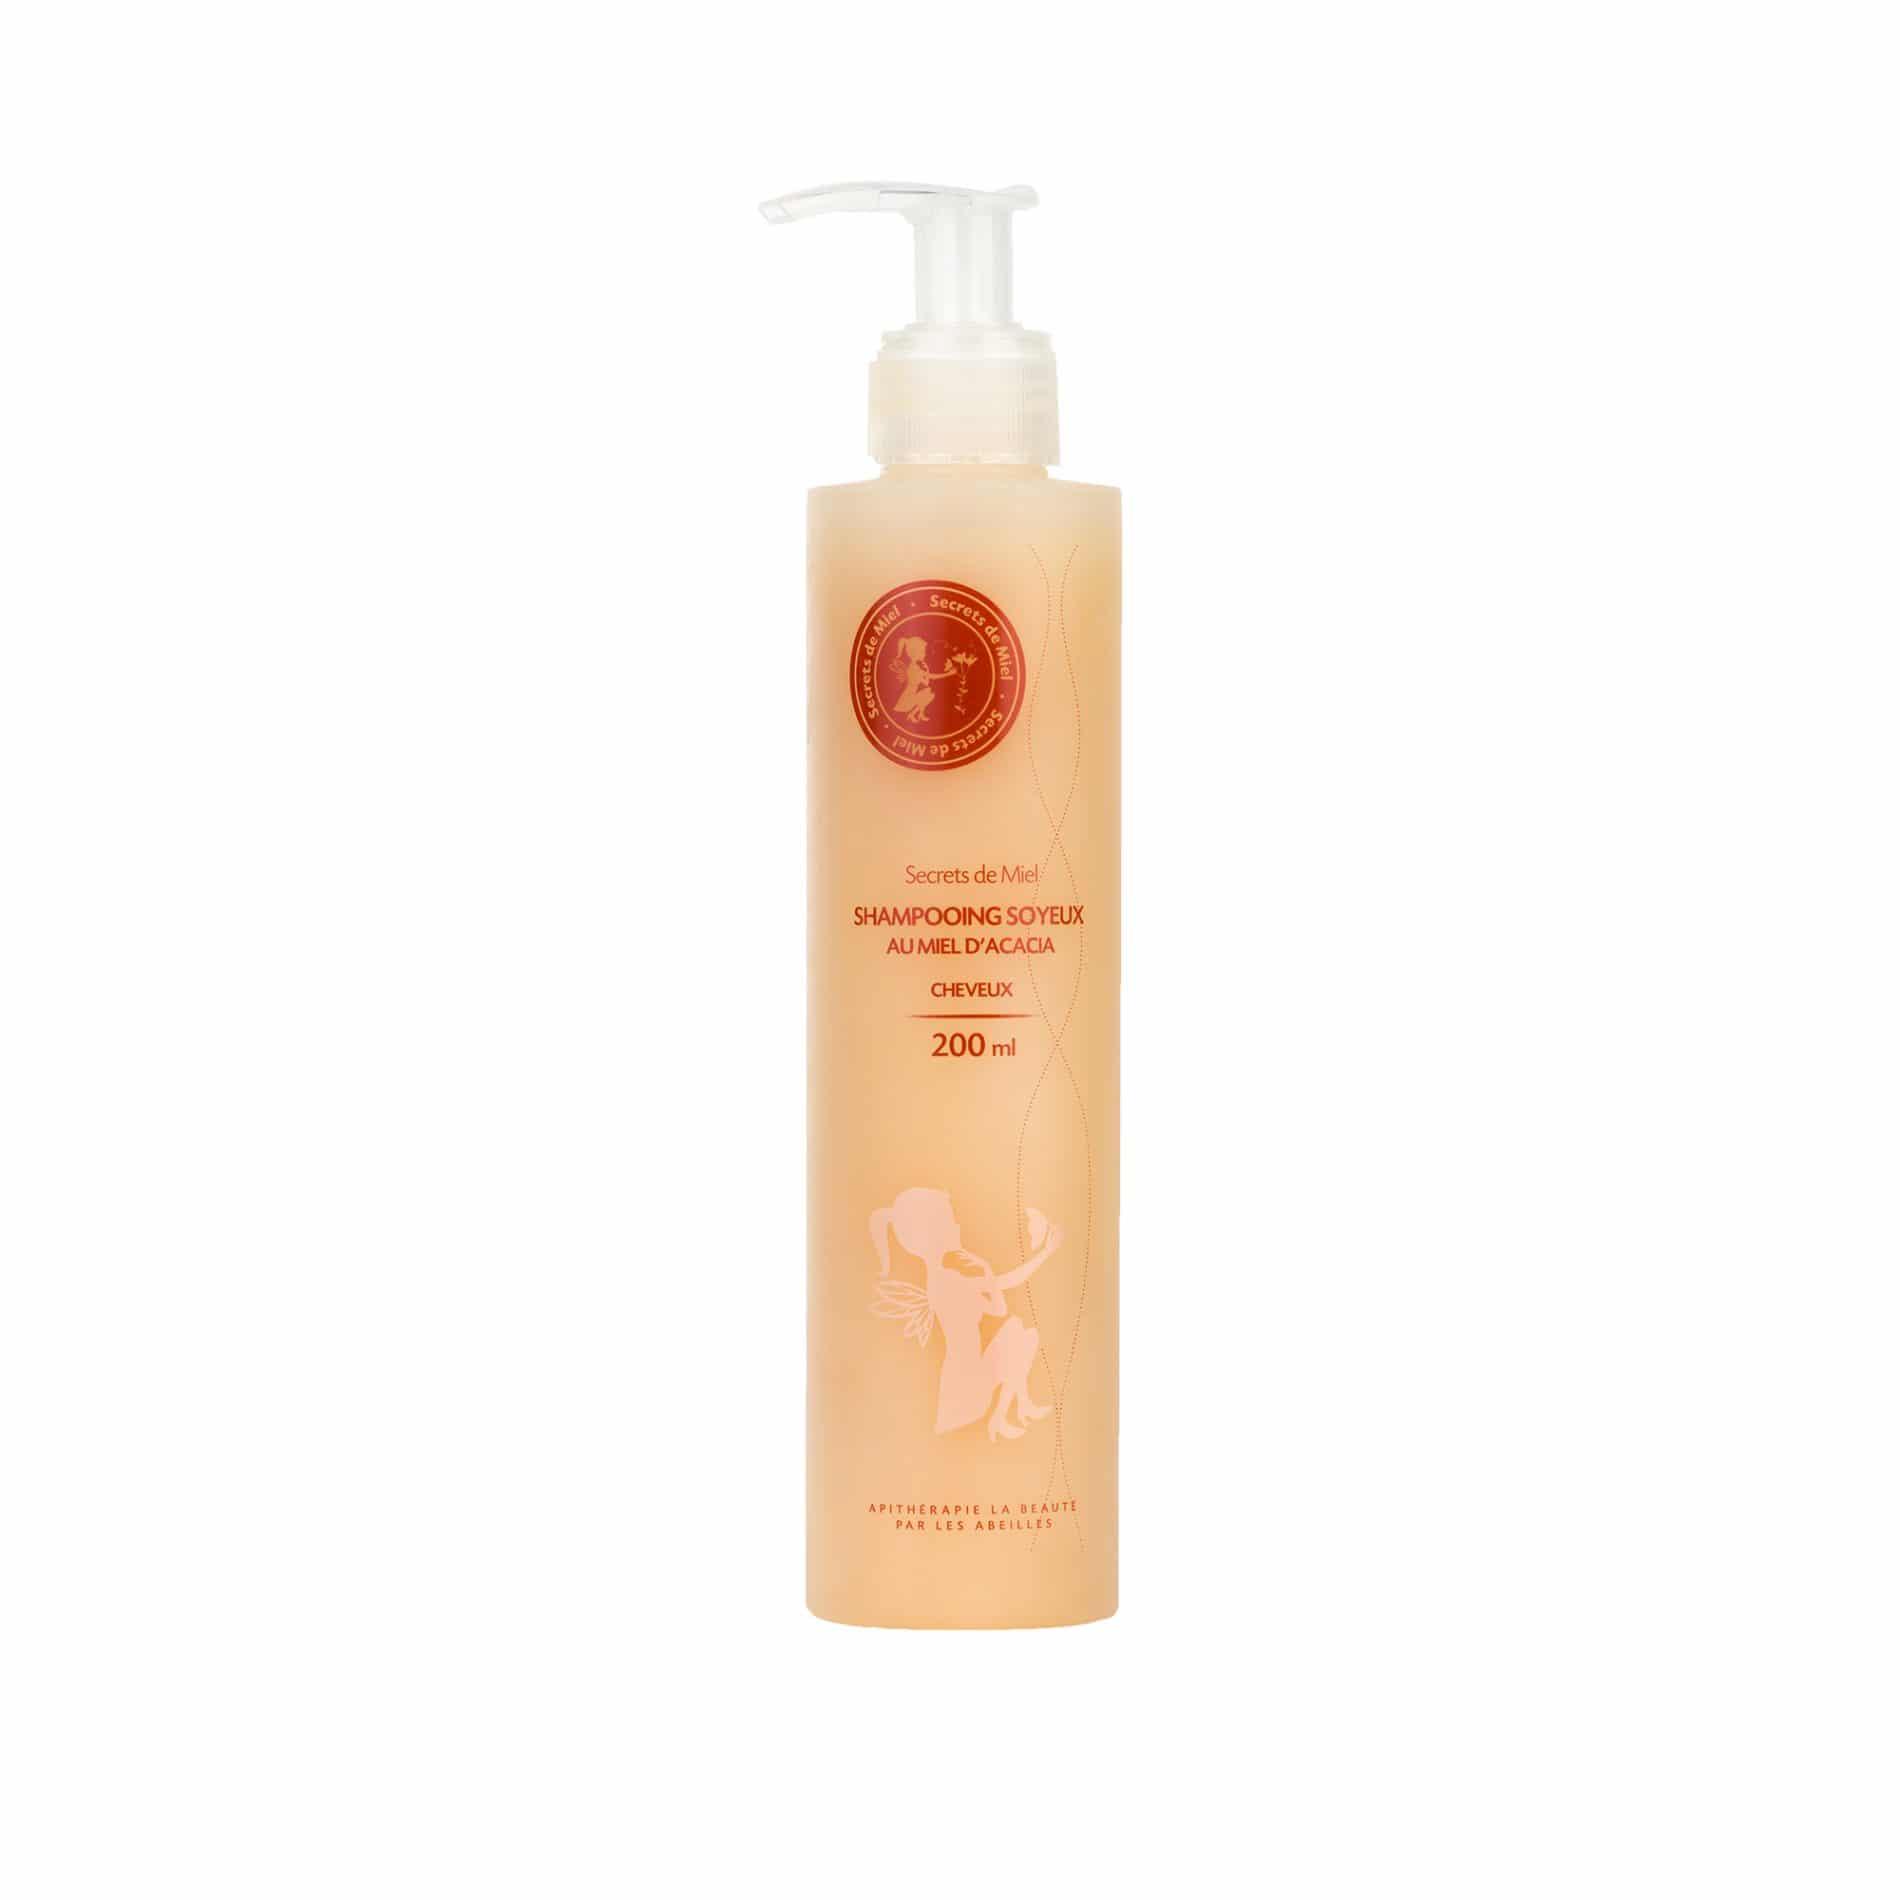 Shampooing Soyeux - Miel d'Acacia - Miel - Ruche - Abeilles - Produit naturel - Nourrit les cheveux - Hydrate et purifie les cheveux - Secrets de Miel